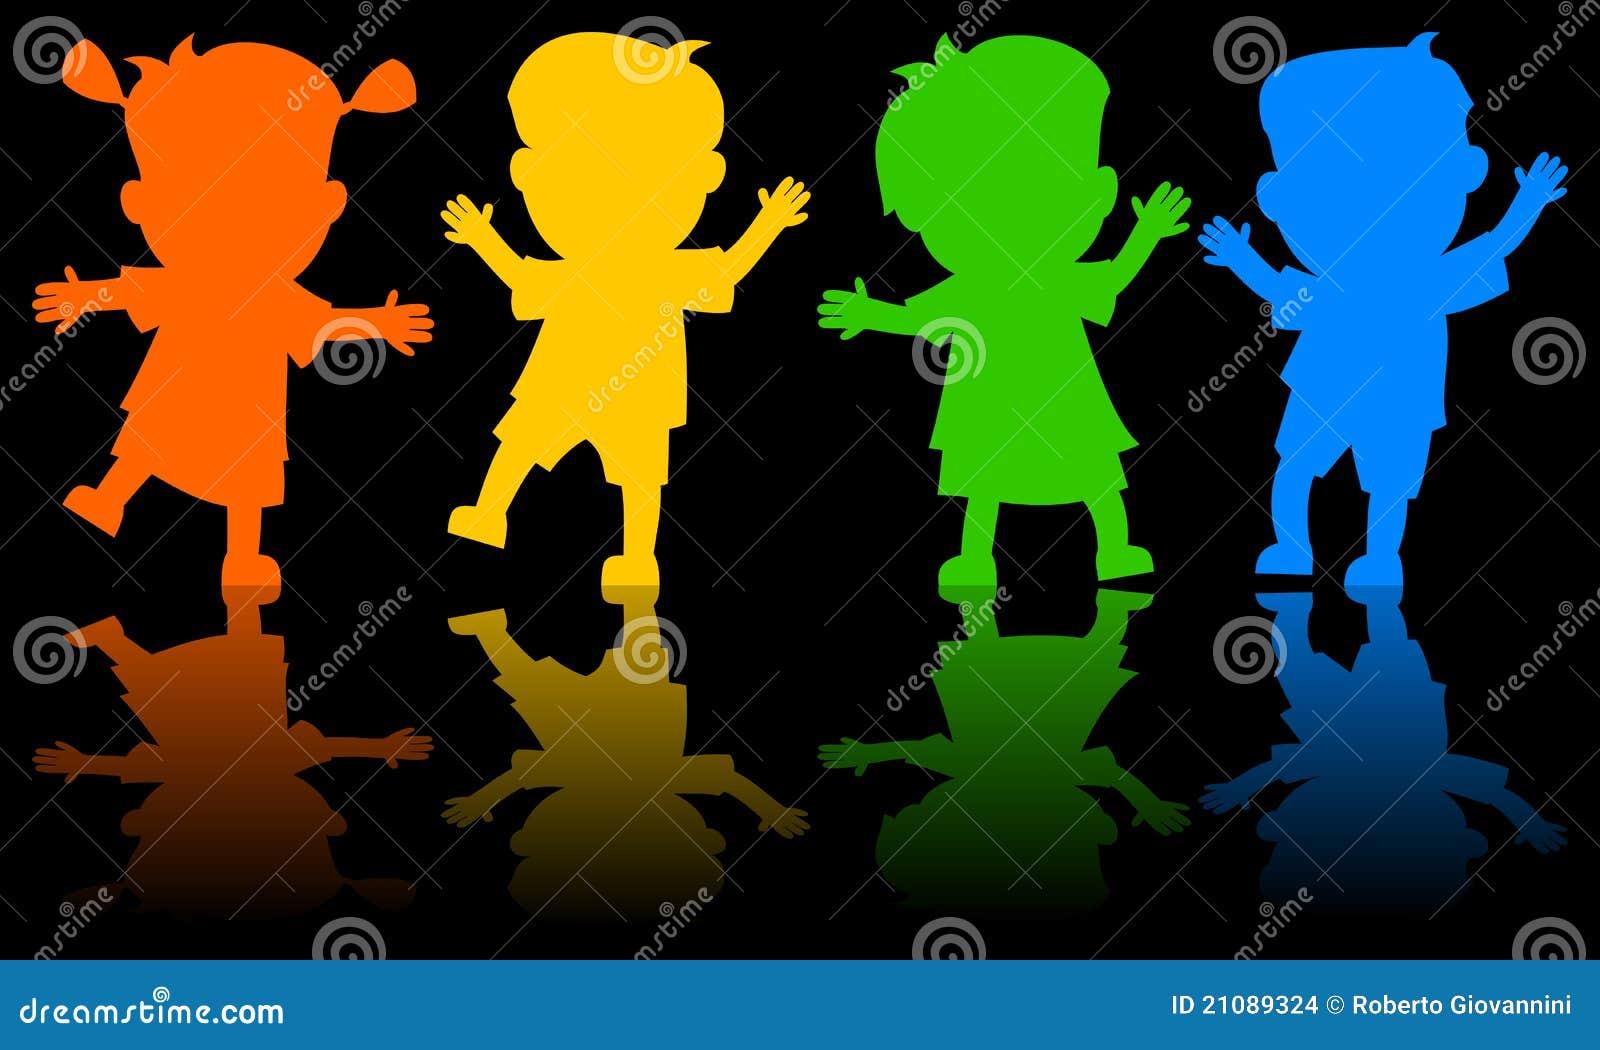 Kinder die schattenbilder tanzen vektor abbildung - Schattenbilder kinder ...